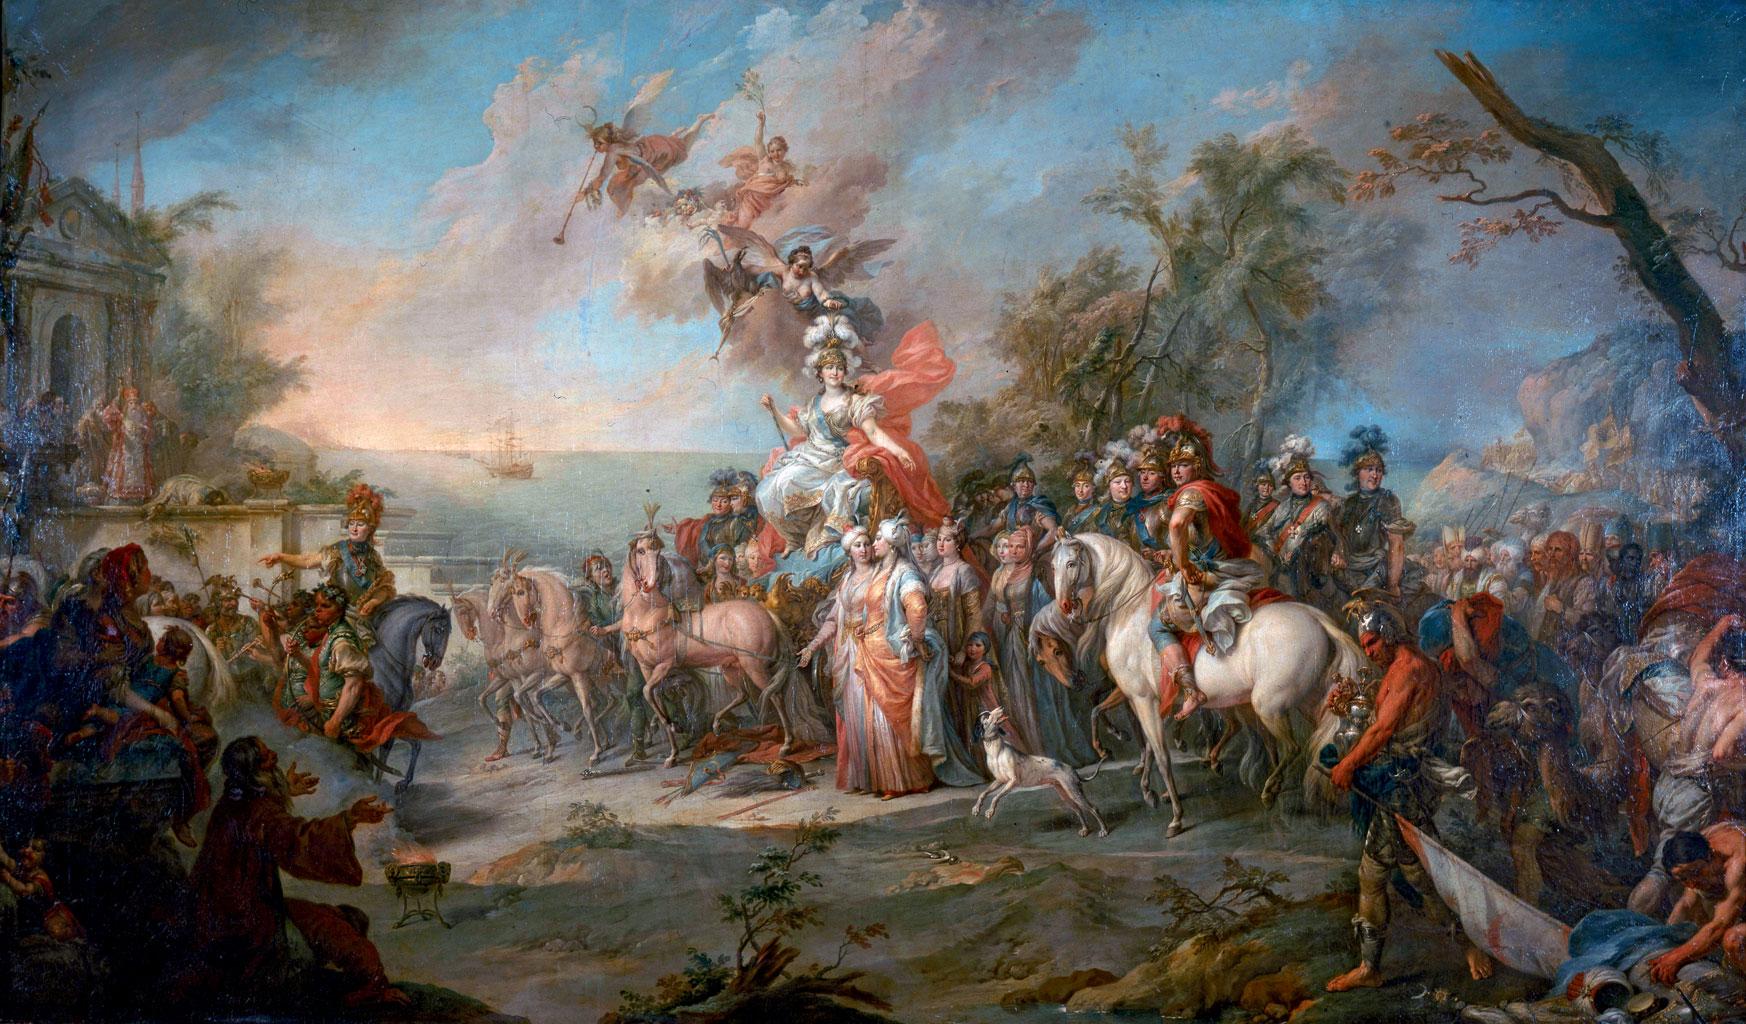 Ρωσοτουρκικός πόλεμος (1768-1774) - Βικιπαίδεια